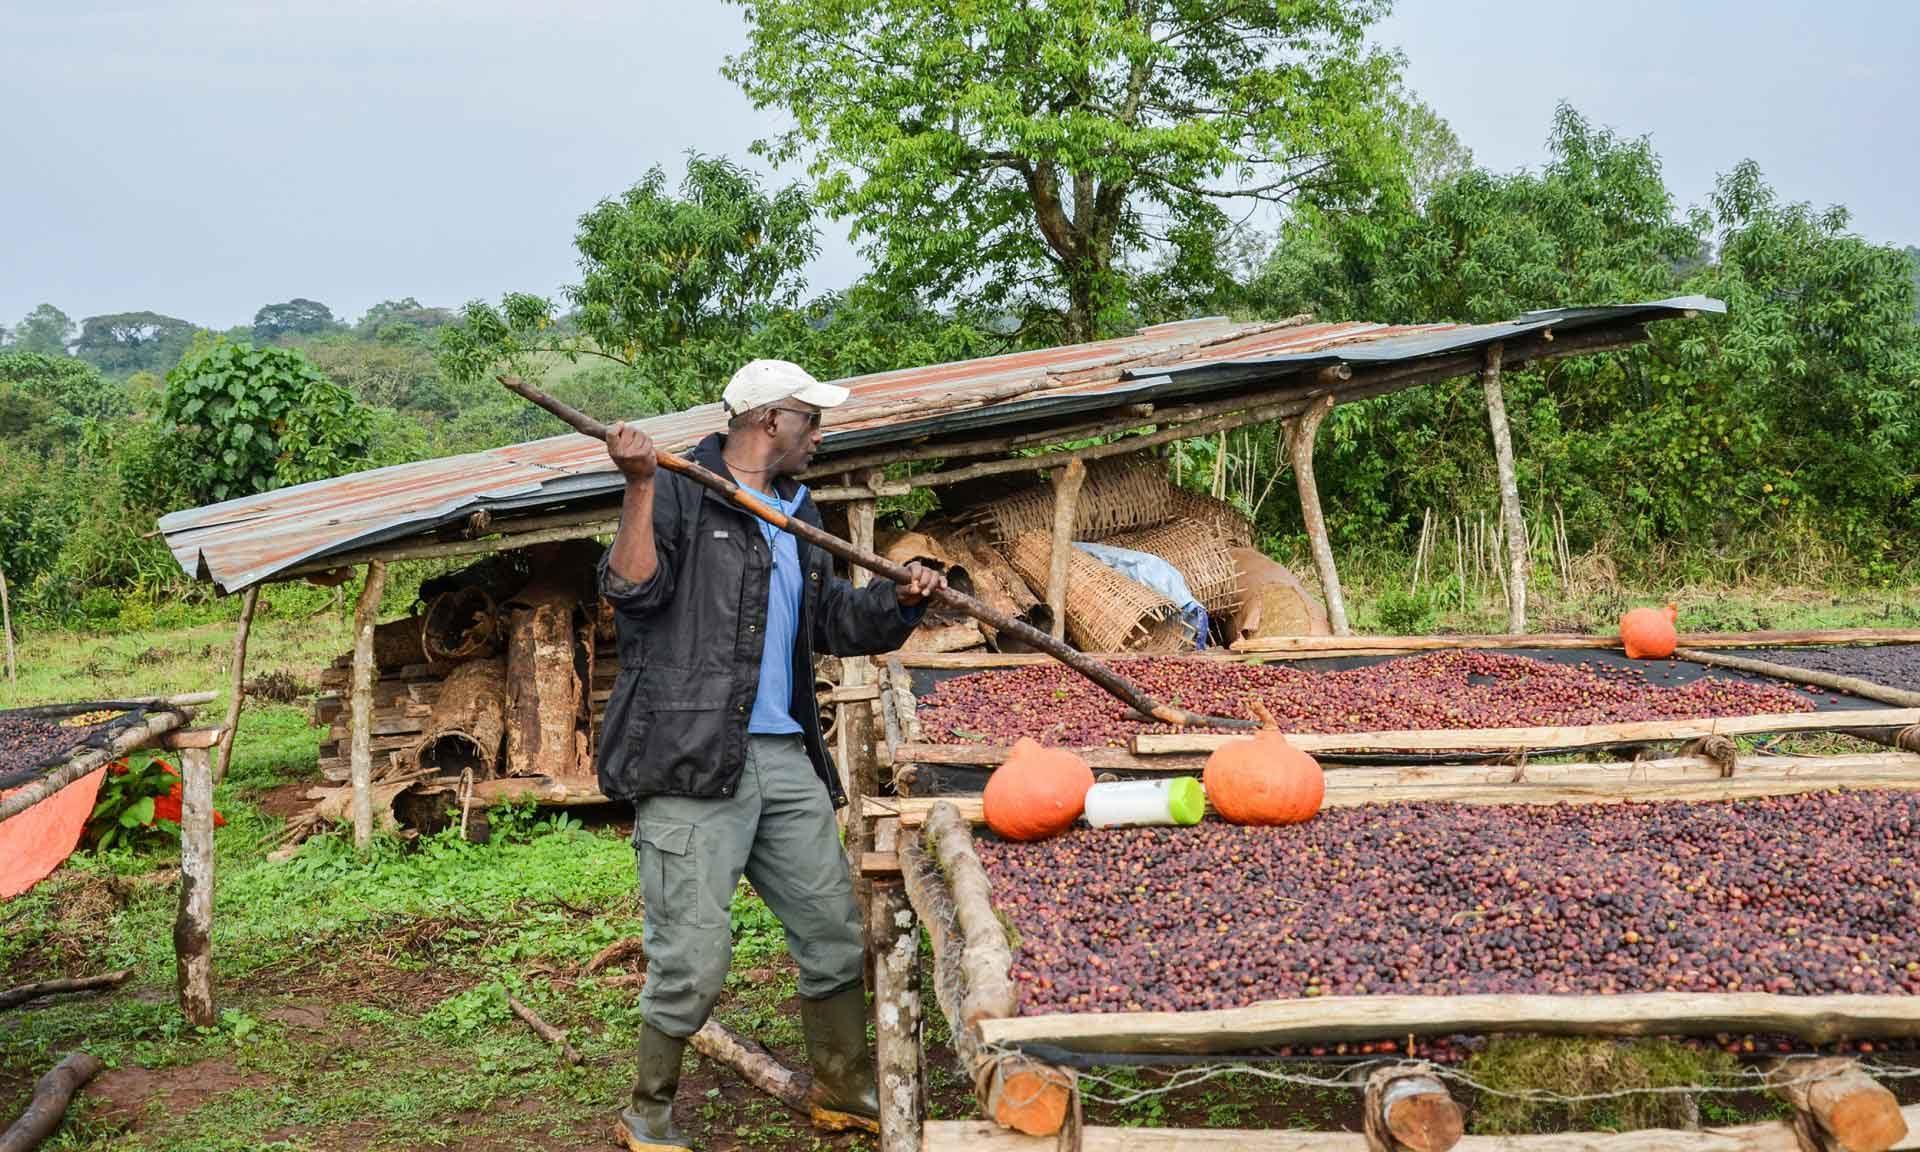 Äthiopien: Mutterland des Kaffees